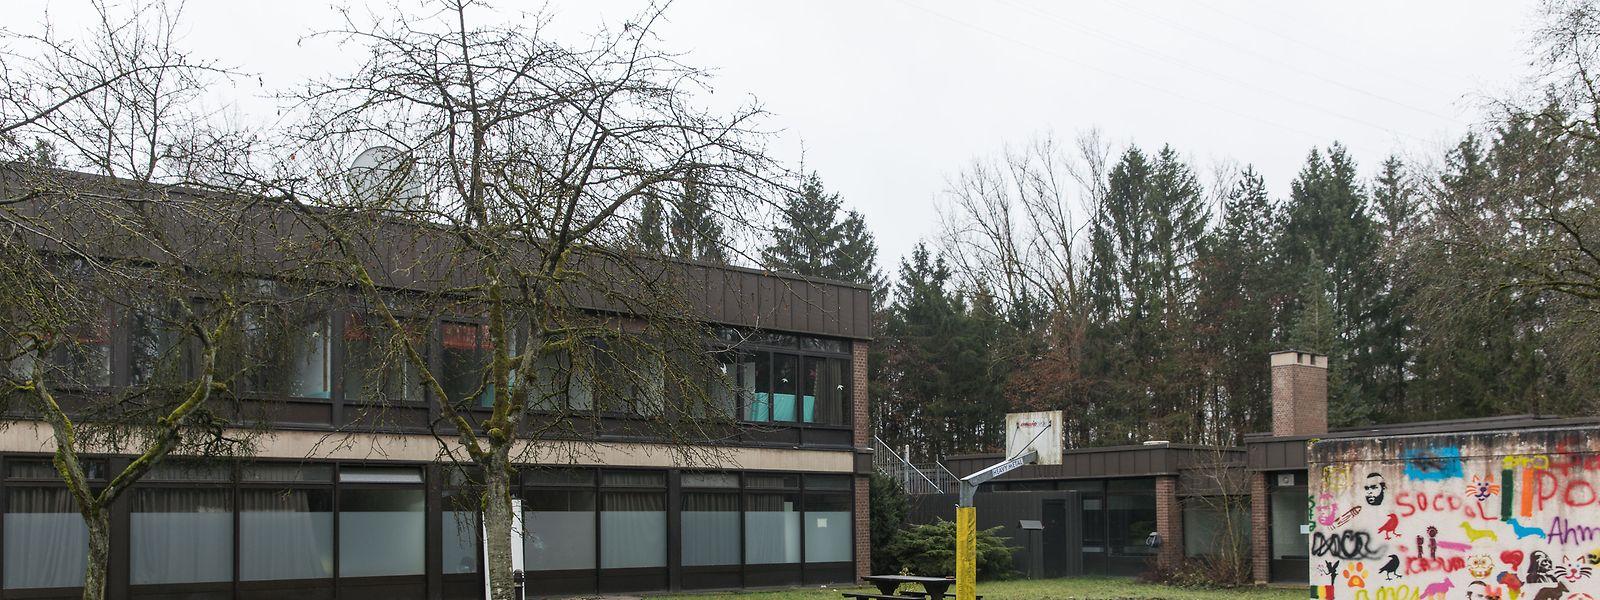 Im früheren Ediff-Gebäude in Monnerich, das seit Februar 2017 als Flüchtlingsunterkunft gedient hat, soll ab 2023 eine Grundschule der Internationalen Schule von Differdingen und Esch einziehen.